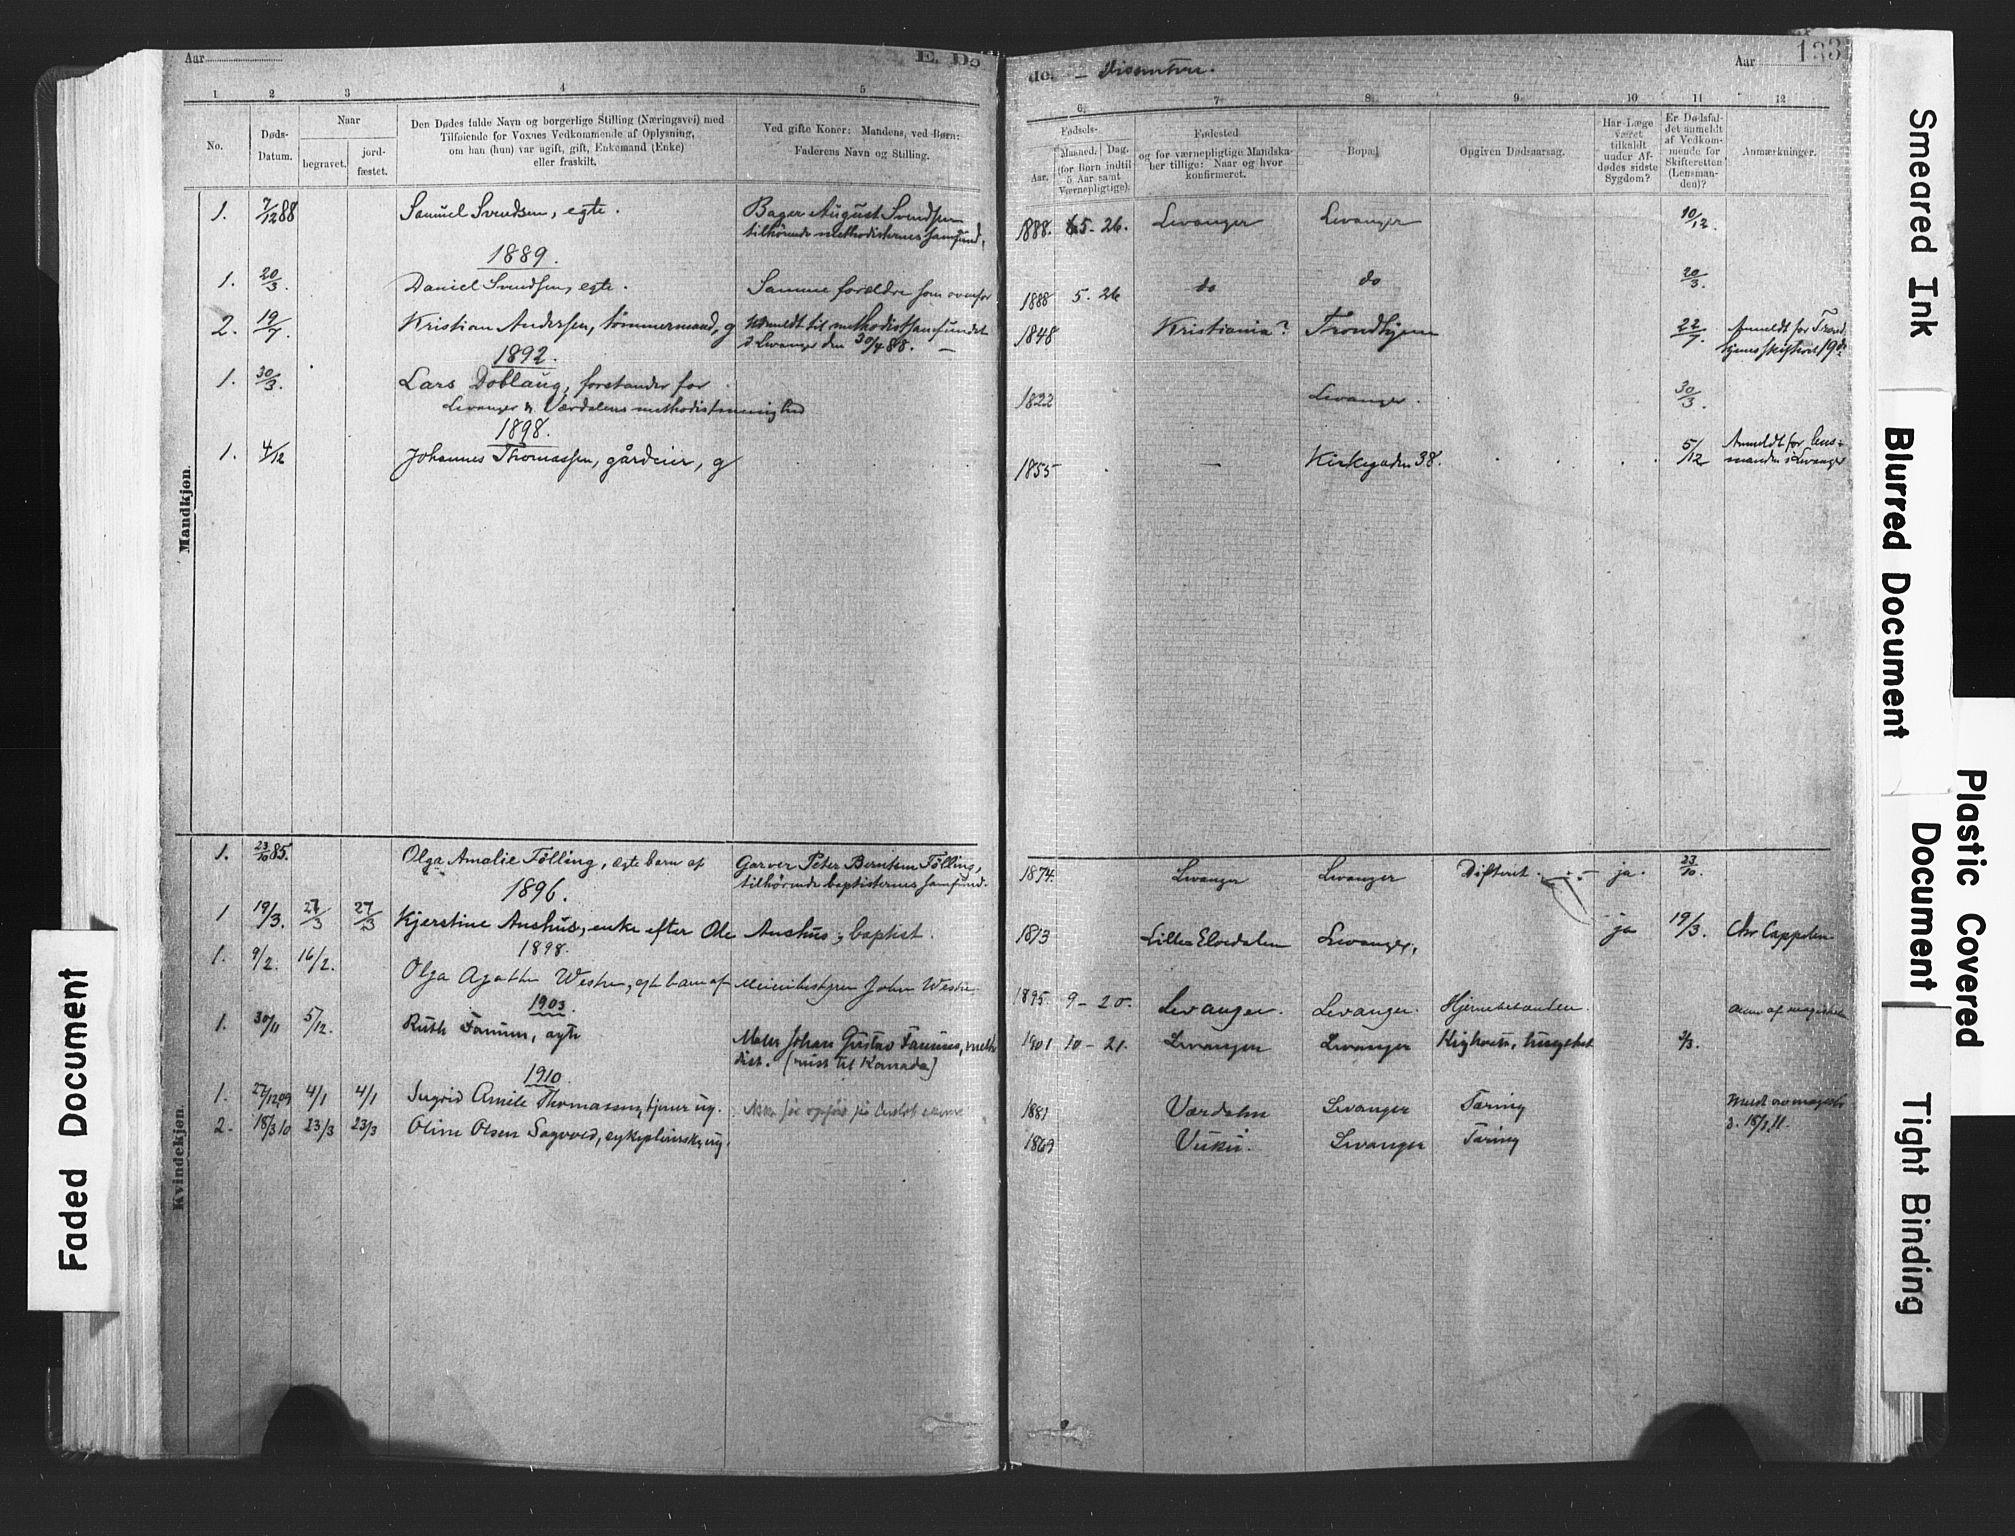 SAT, Ministerialprotokoller, klokkerbøker og fødselsregistre - Nord-Trøndelag, 720/L0189: Ministerialbok nr. 720A05, 1880-1911, s. 133